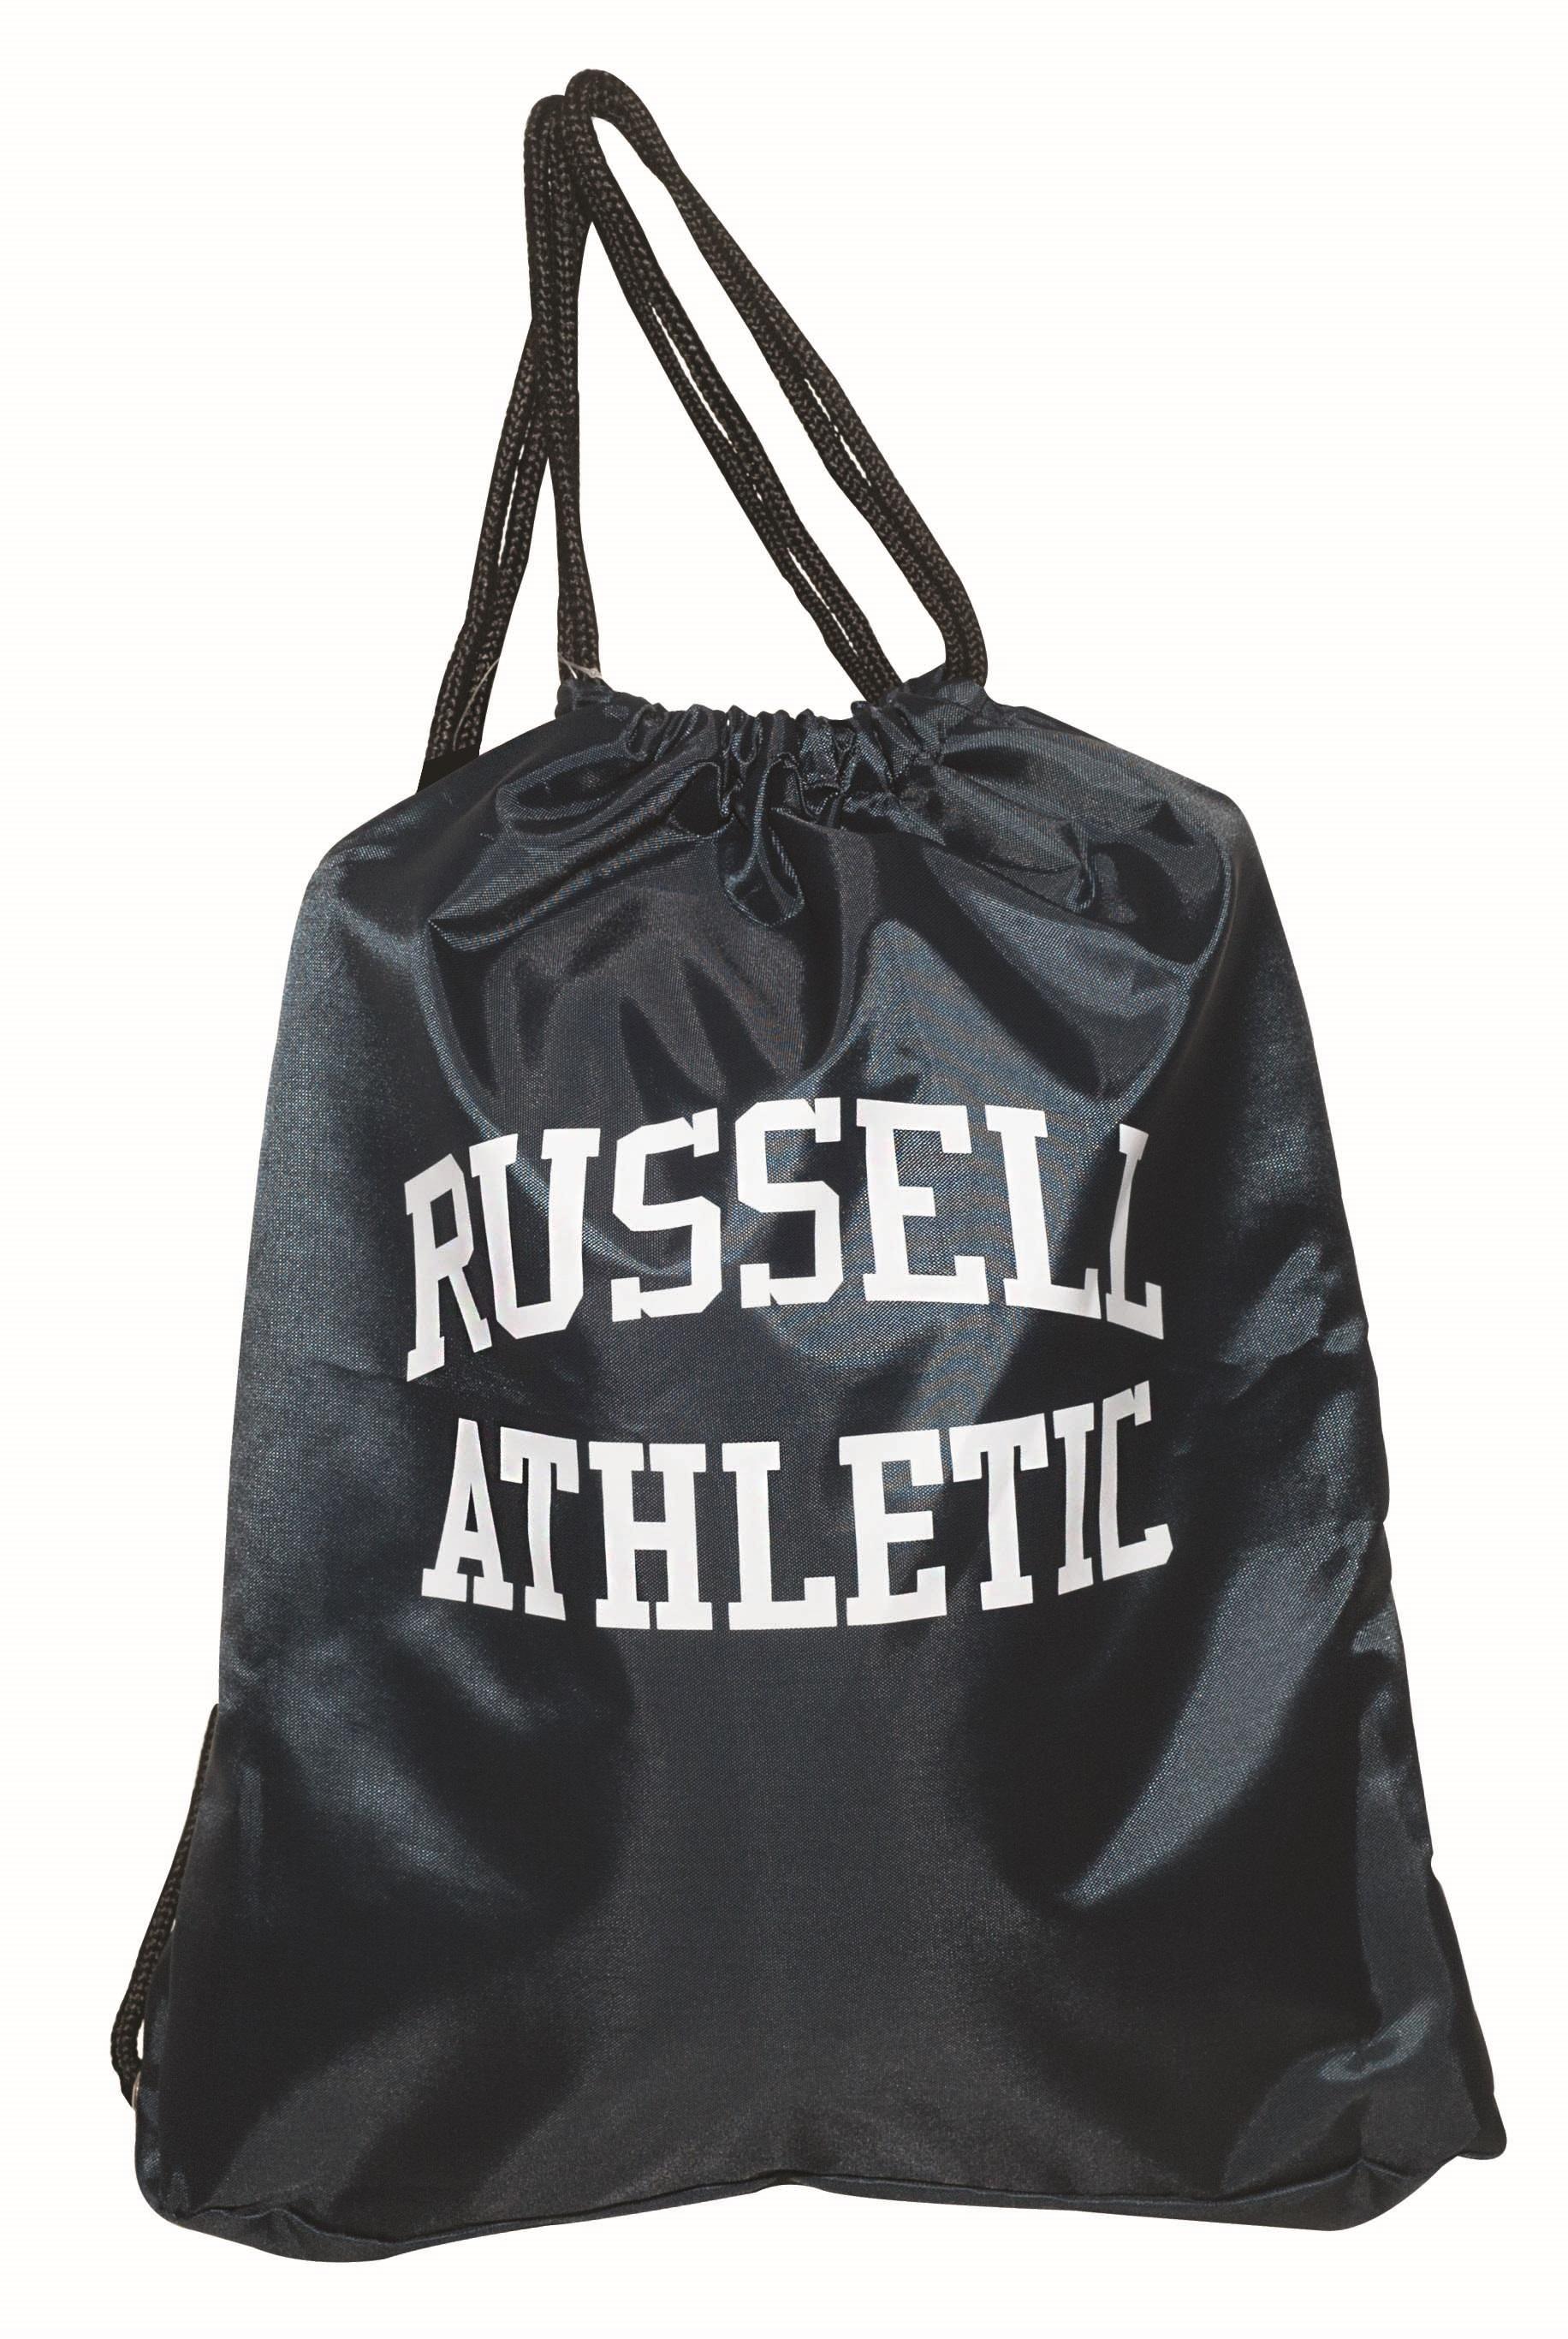 Τσαντα Πλατης με Κορδόνι Poly Russell Athletic 391-53782-70 Μπλε Σκούρο